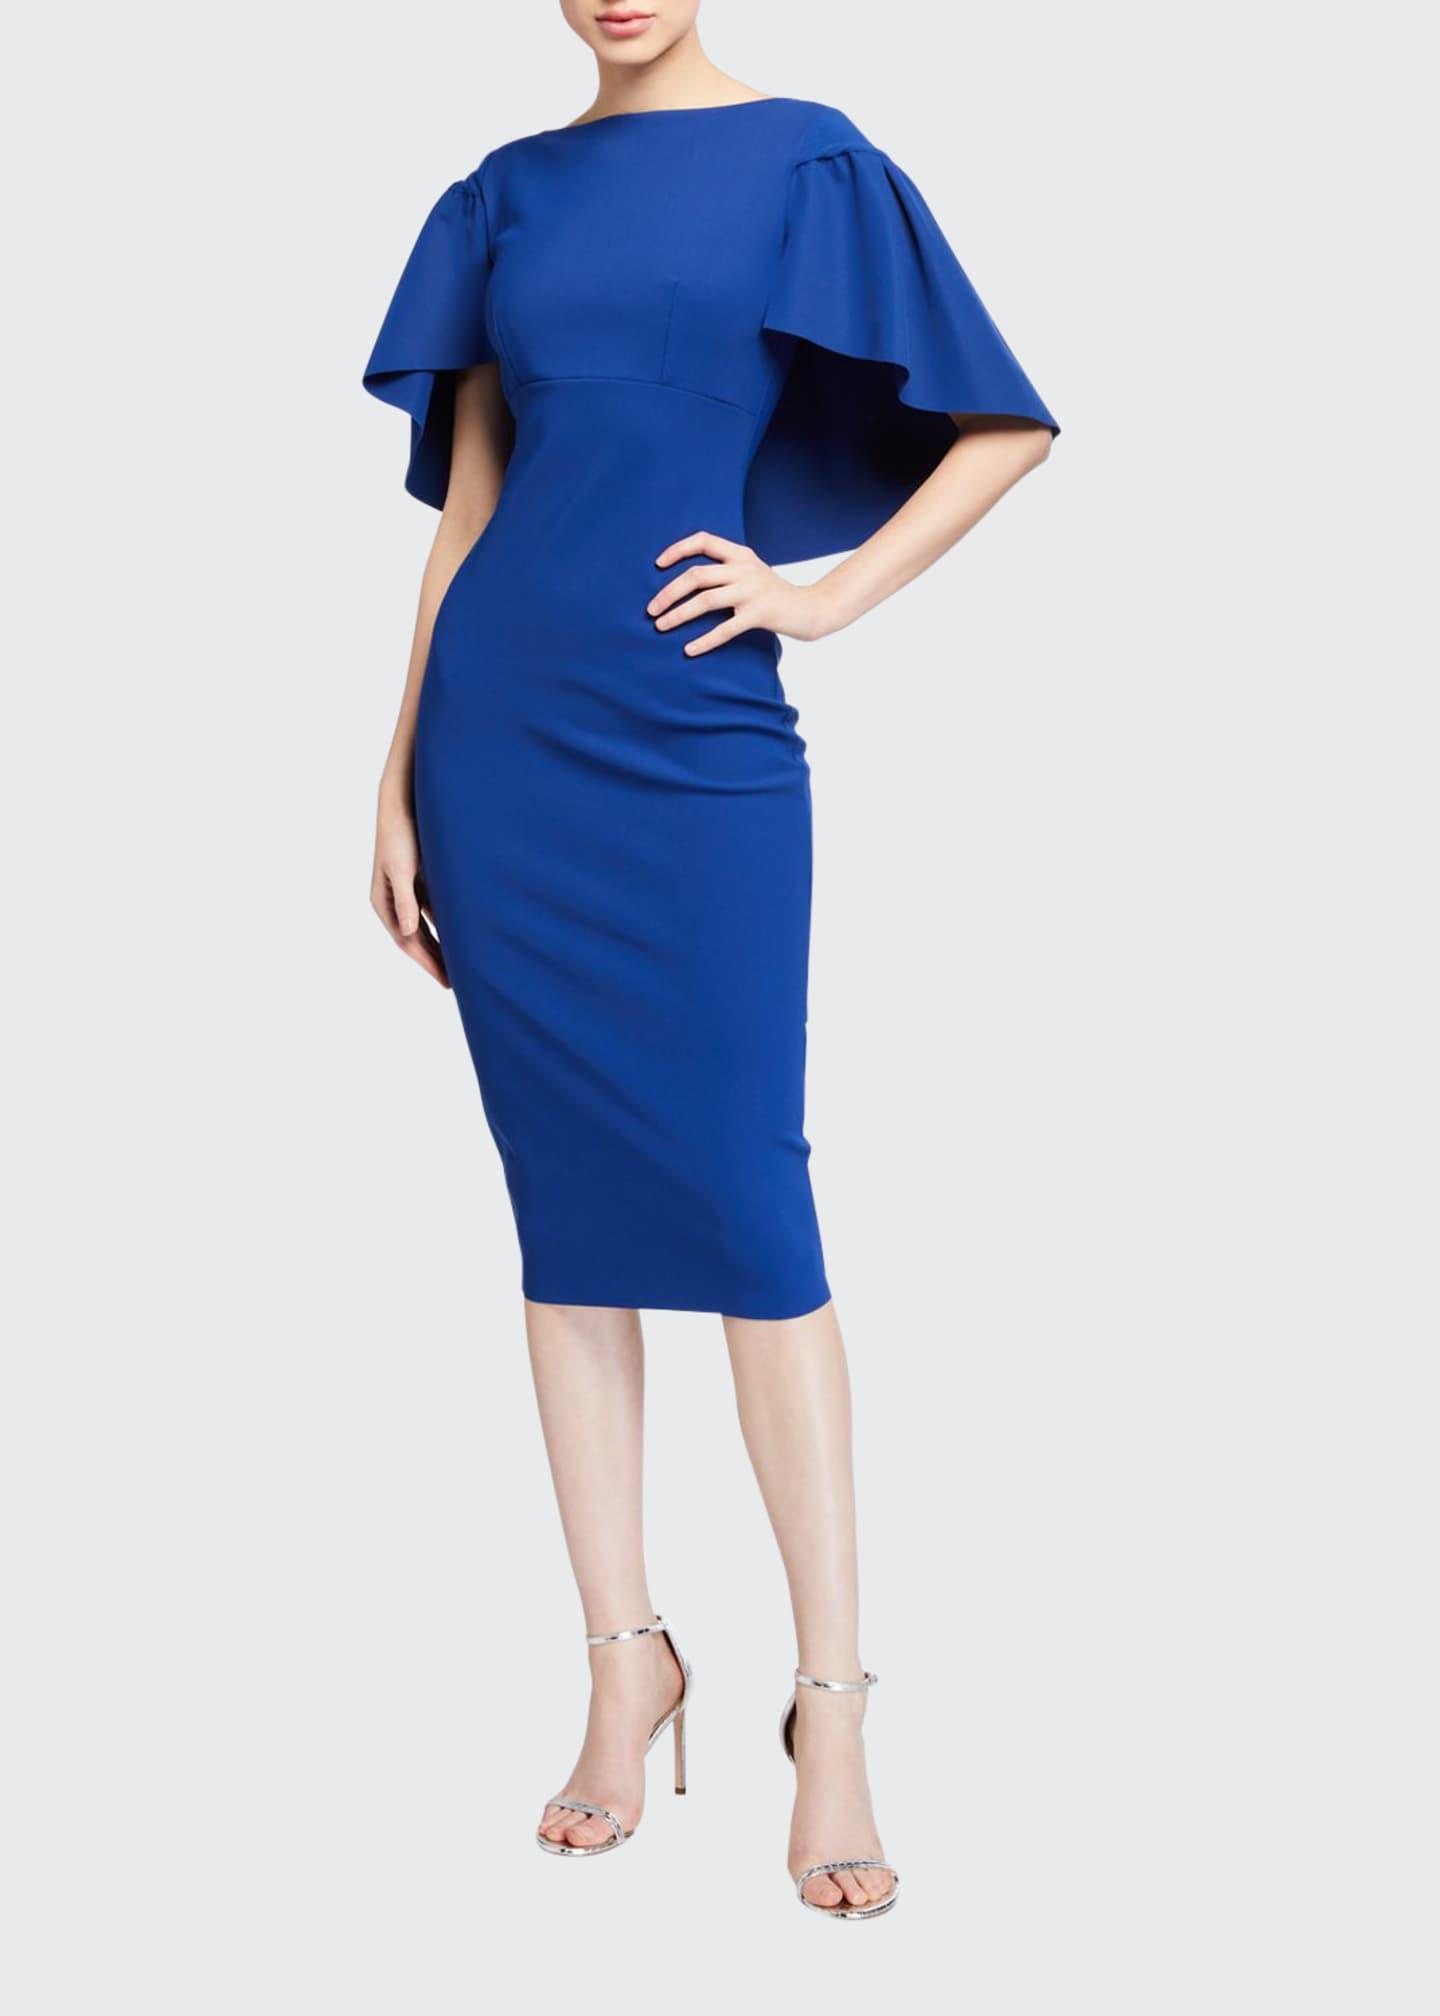 Chiara Boni La Petite Robe High-Neck Short-Sleeve Cape